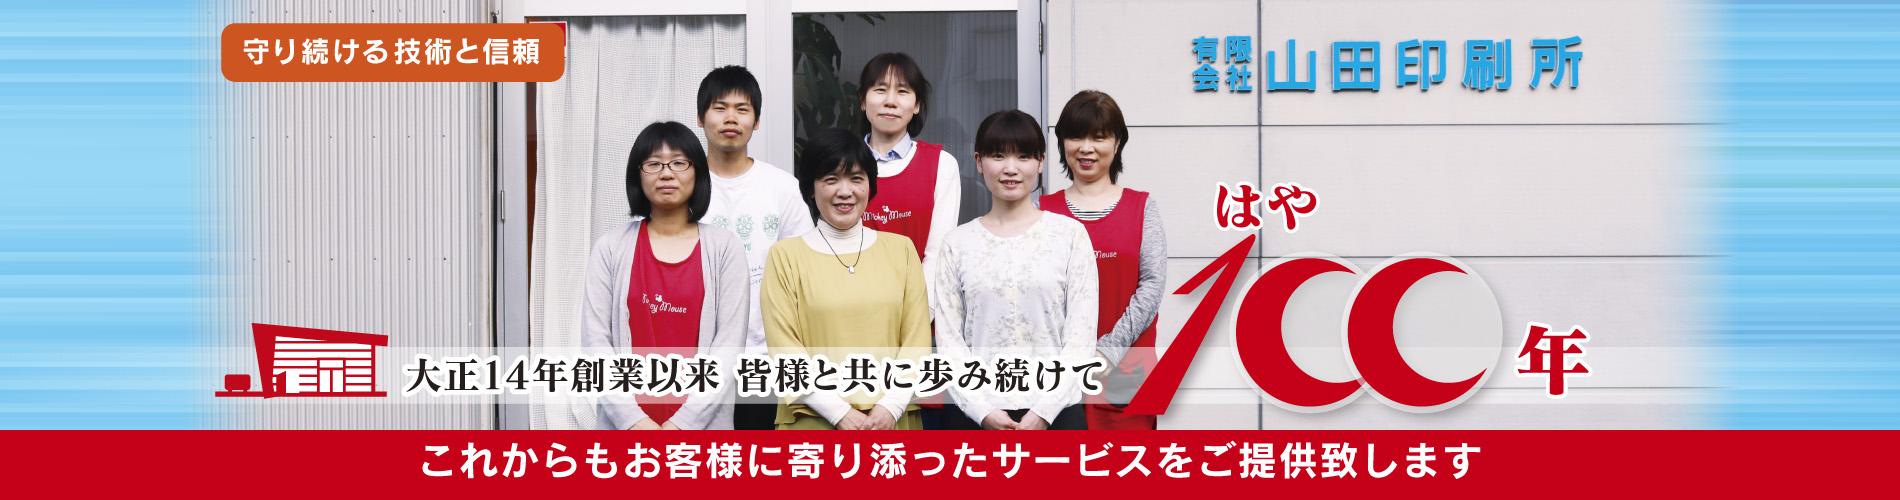 守り続ける技術と信頼「山田印刷所」